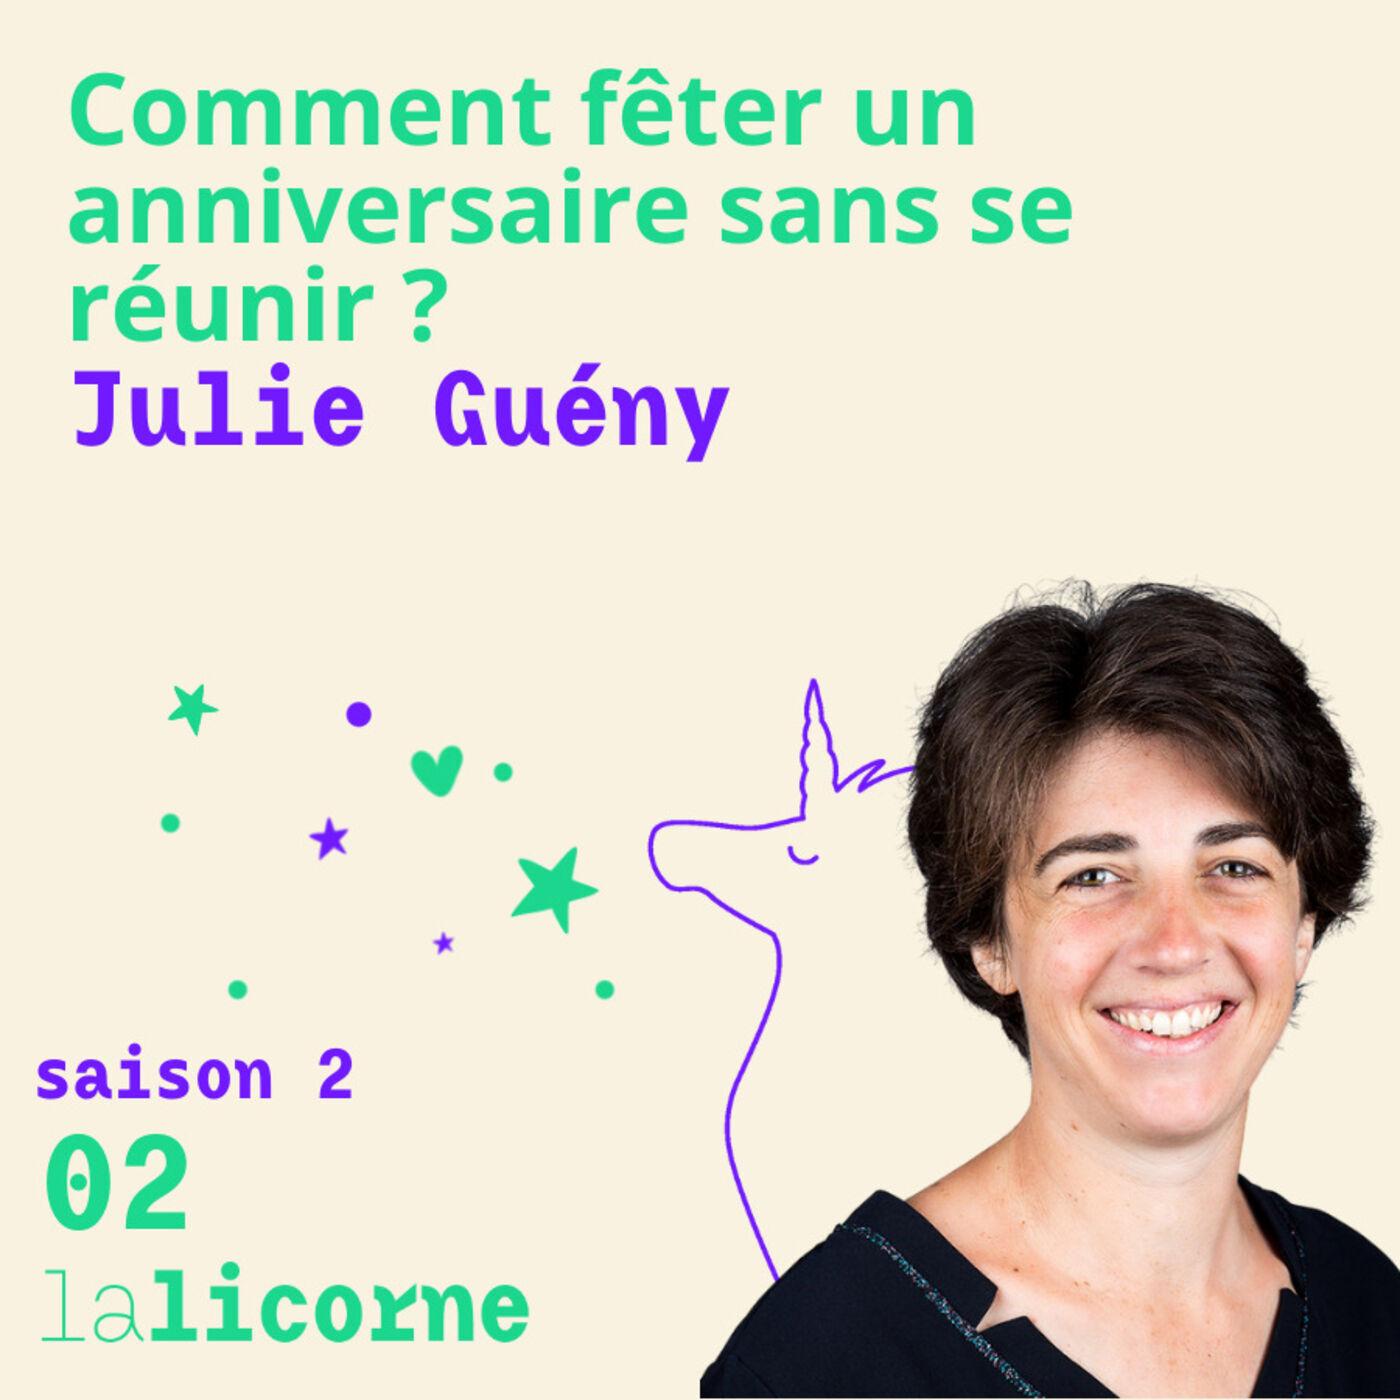 2.2 🎂 Julie Guény - Comment fêter un anniversaire sans se réunir ?